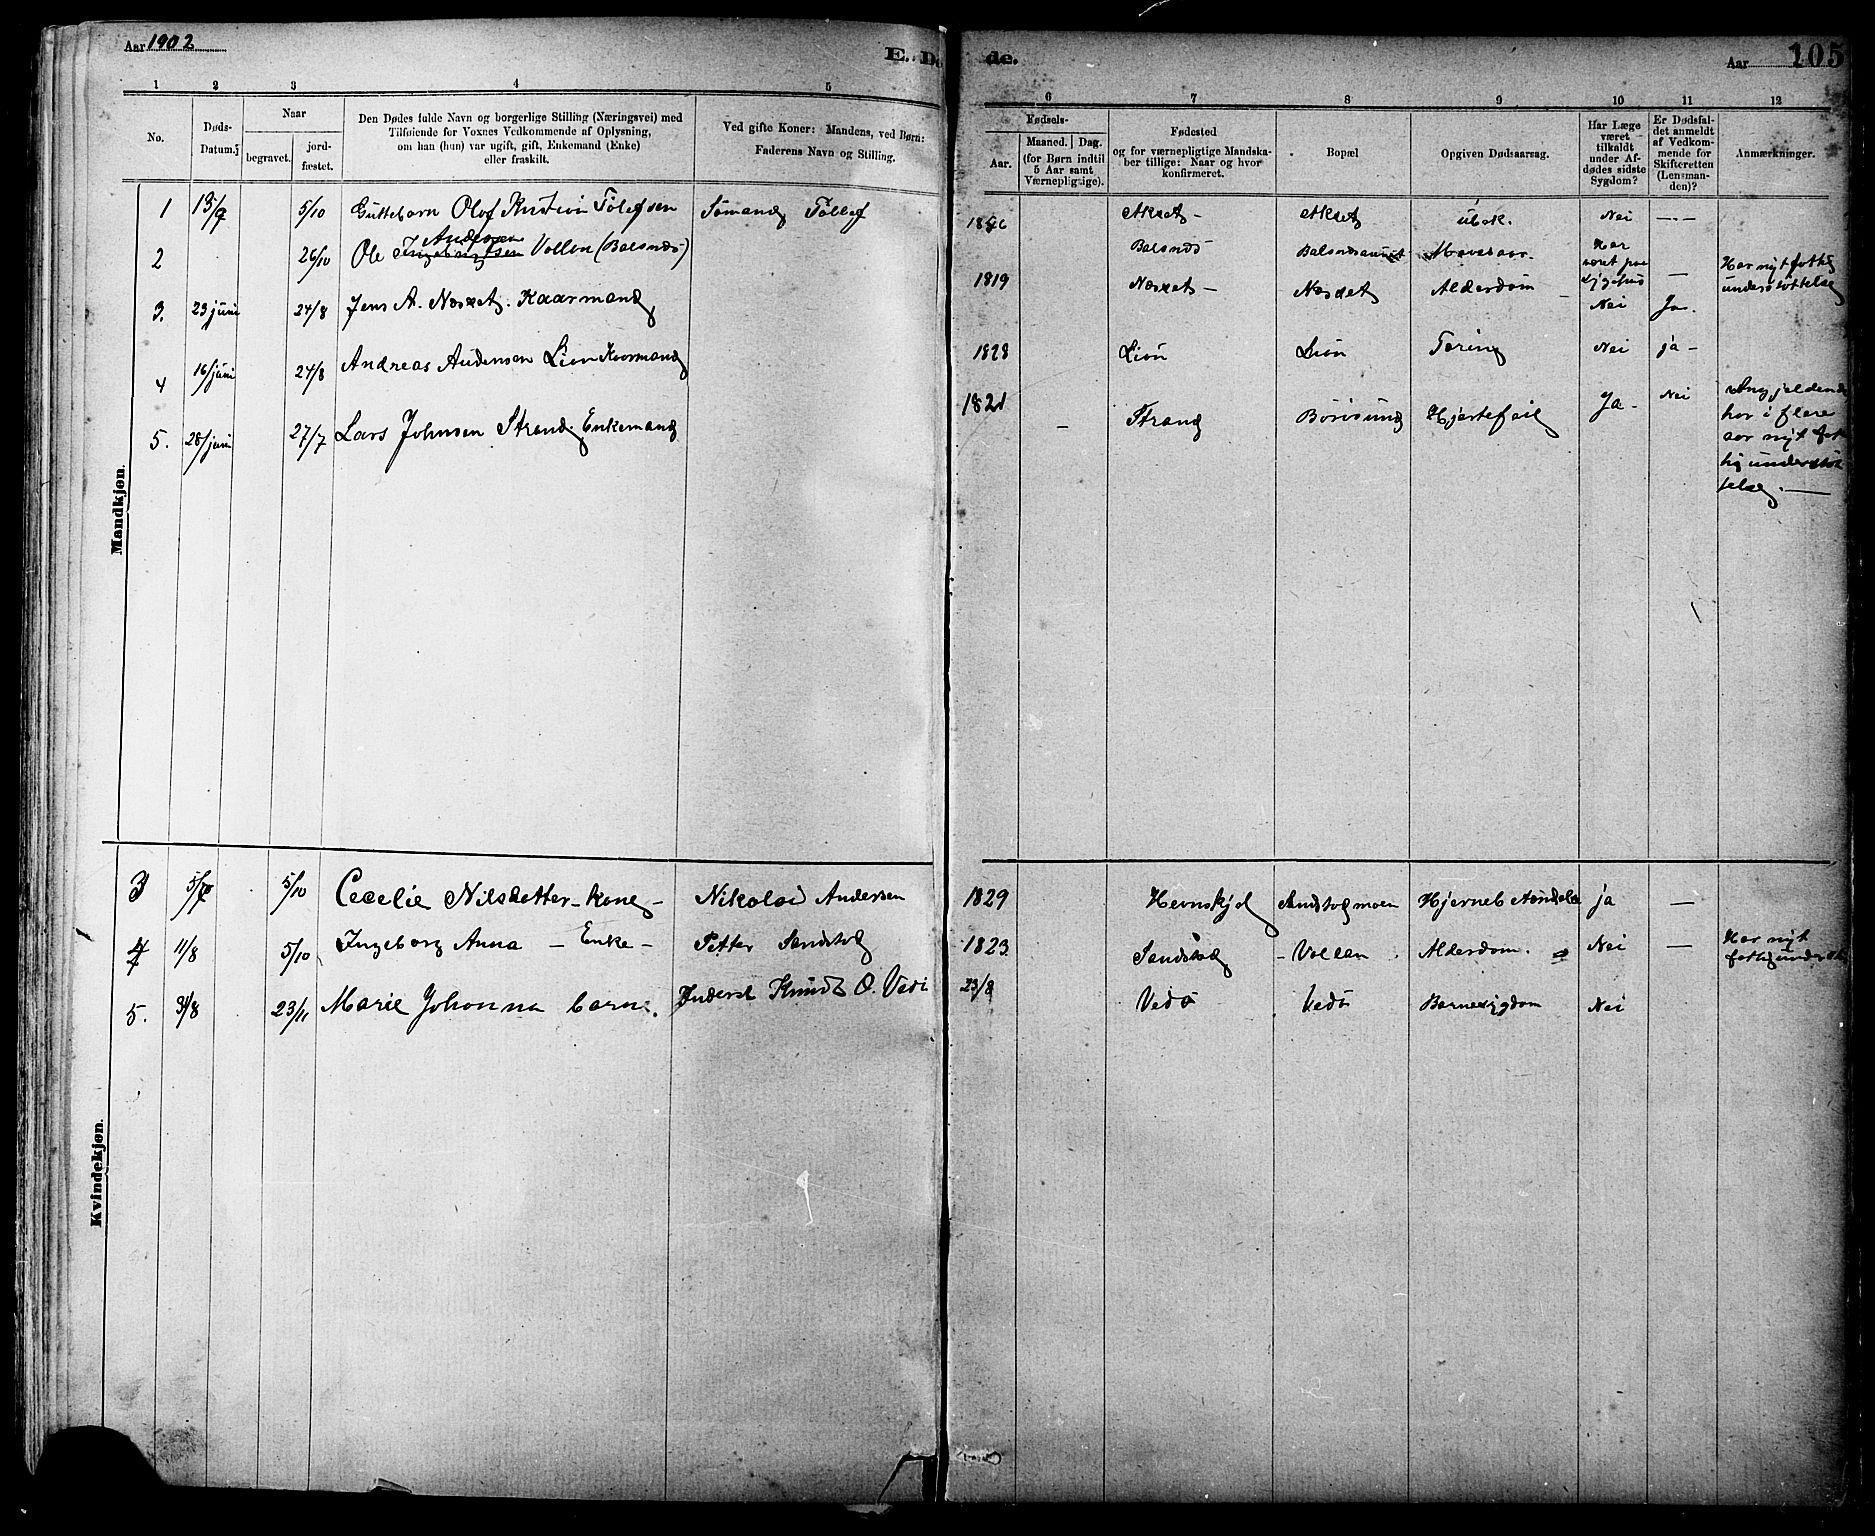 SAT, Ministerialprotokoller, klokkerbøker og fødselsregistre - Sør-Trøndelag, 639/L0573: Klokkerbok nr. 639C01, 1890-1905, s. 105